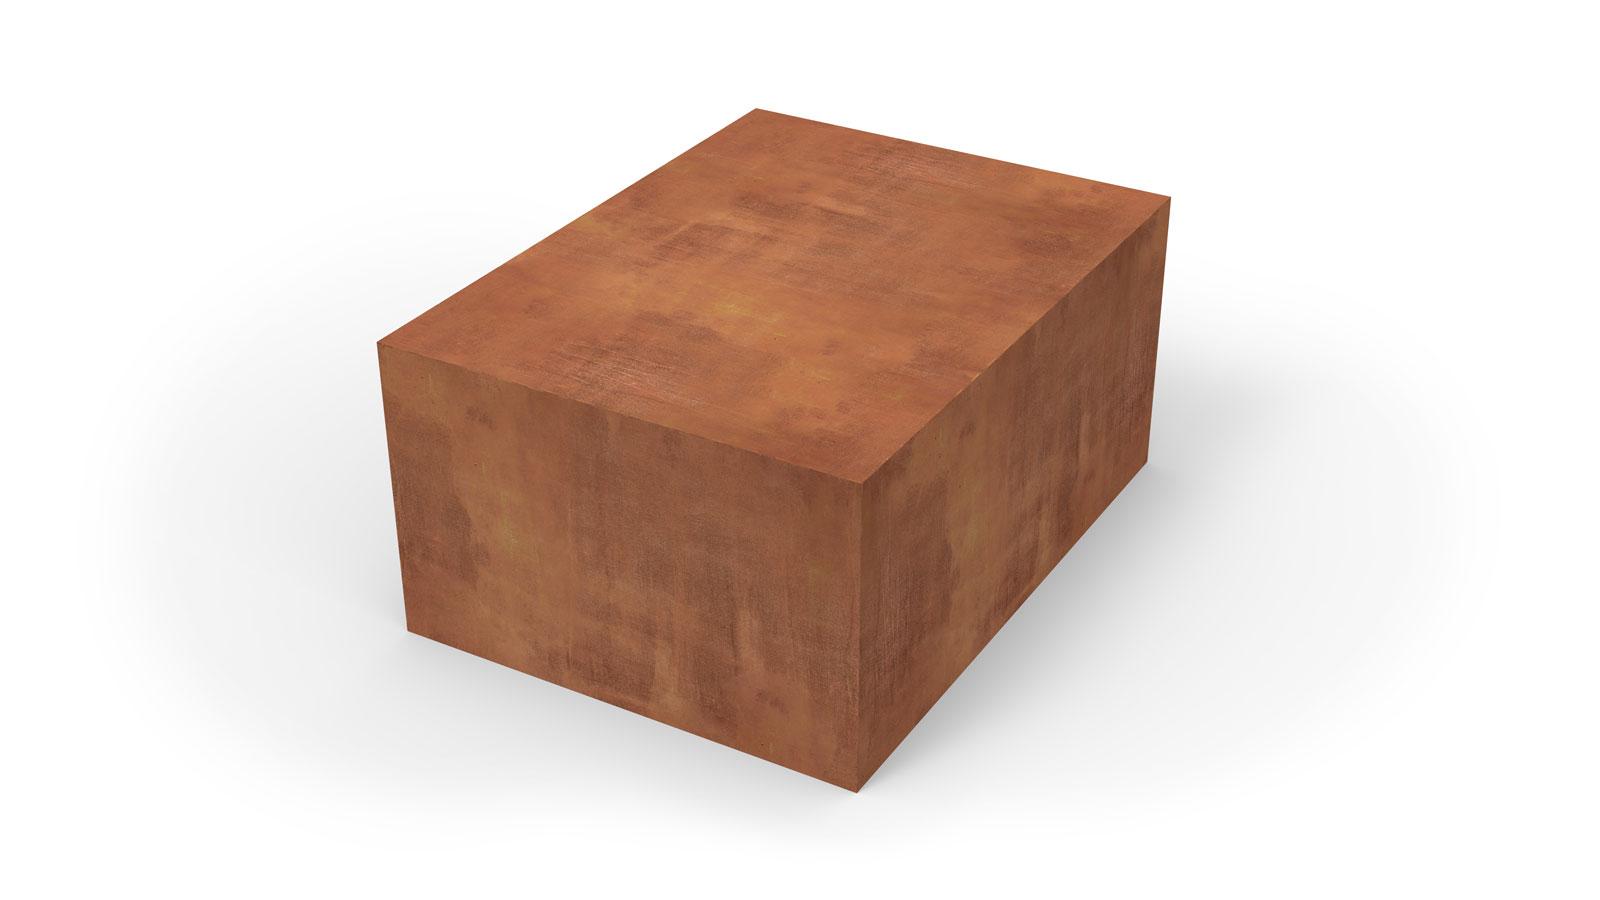 tische im rostlook f r den garten grill garten manufaktur. Black Bedroom Furniture Sets. Home Design Ideas